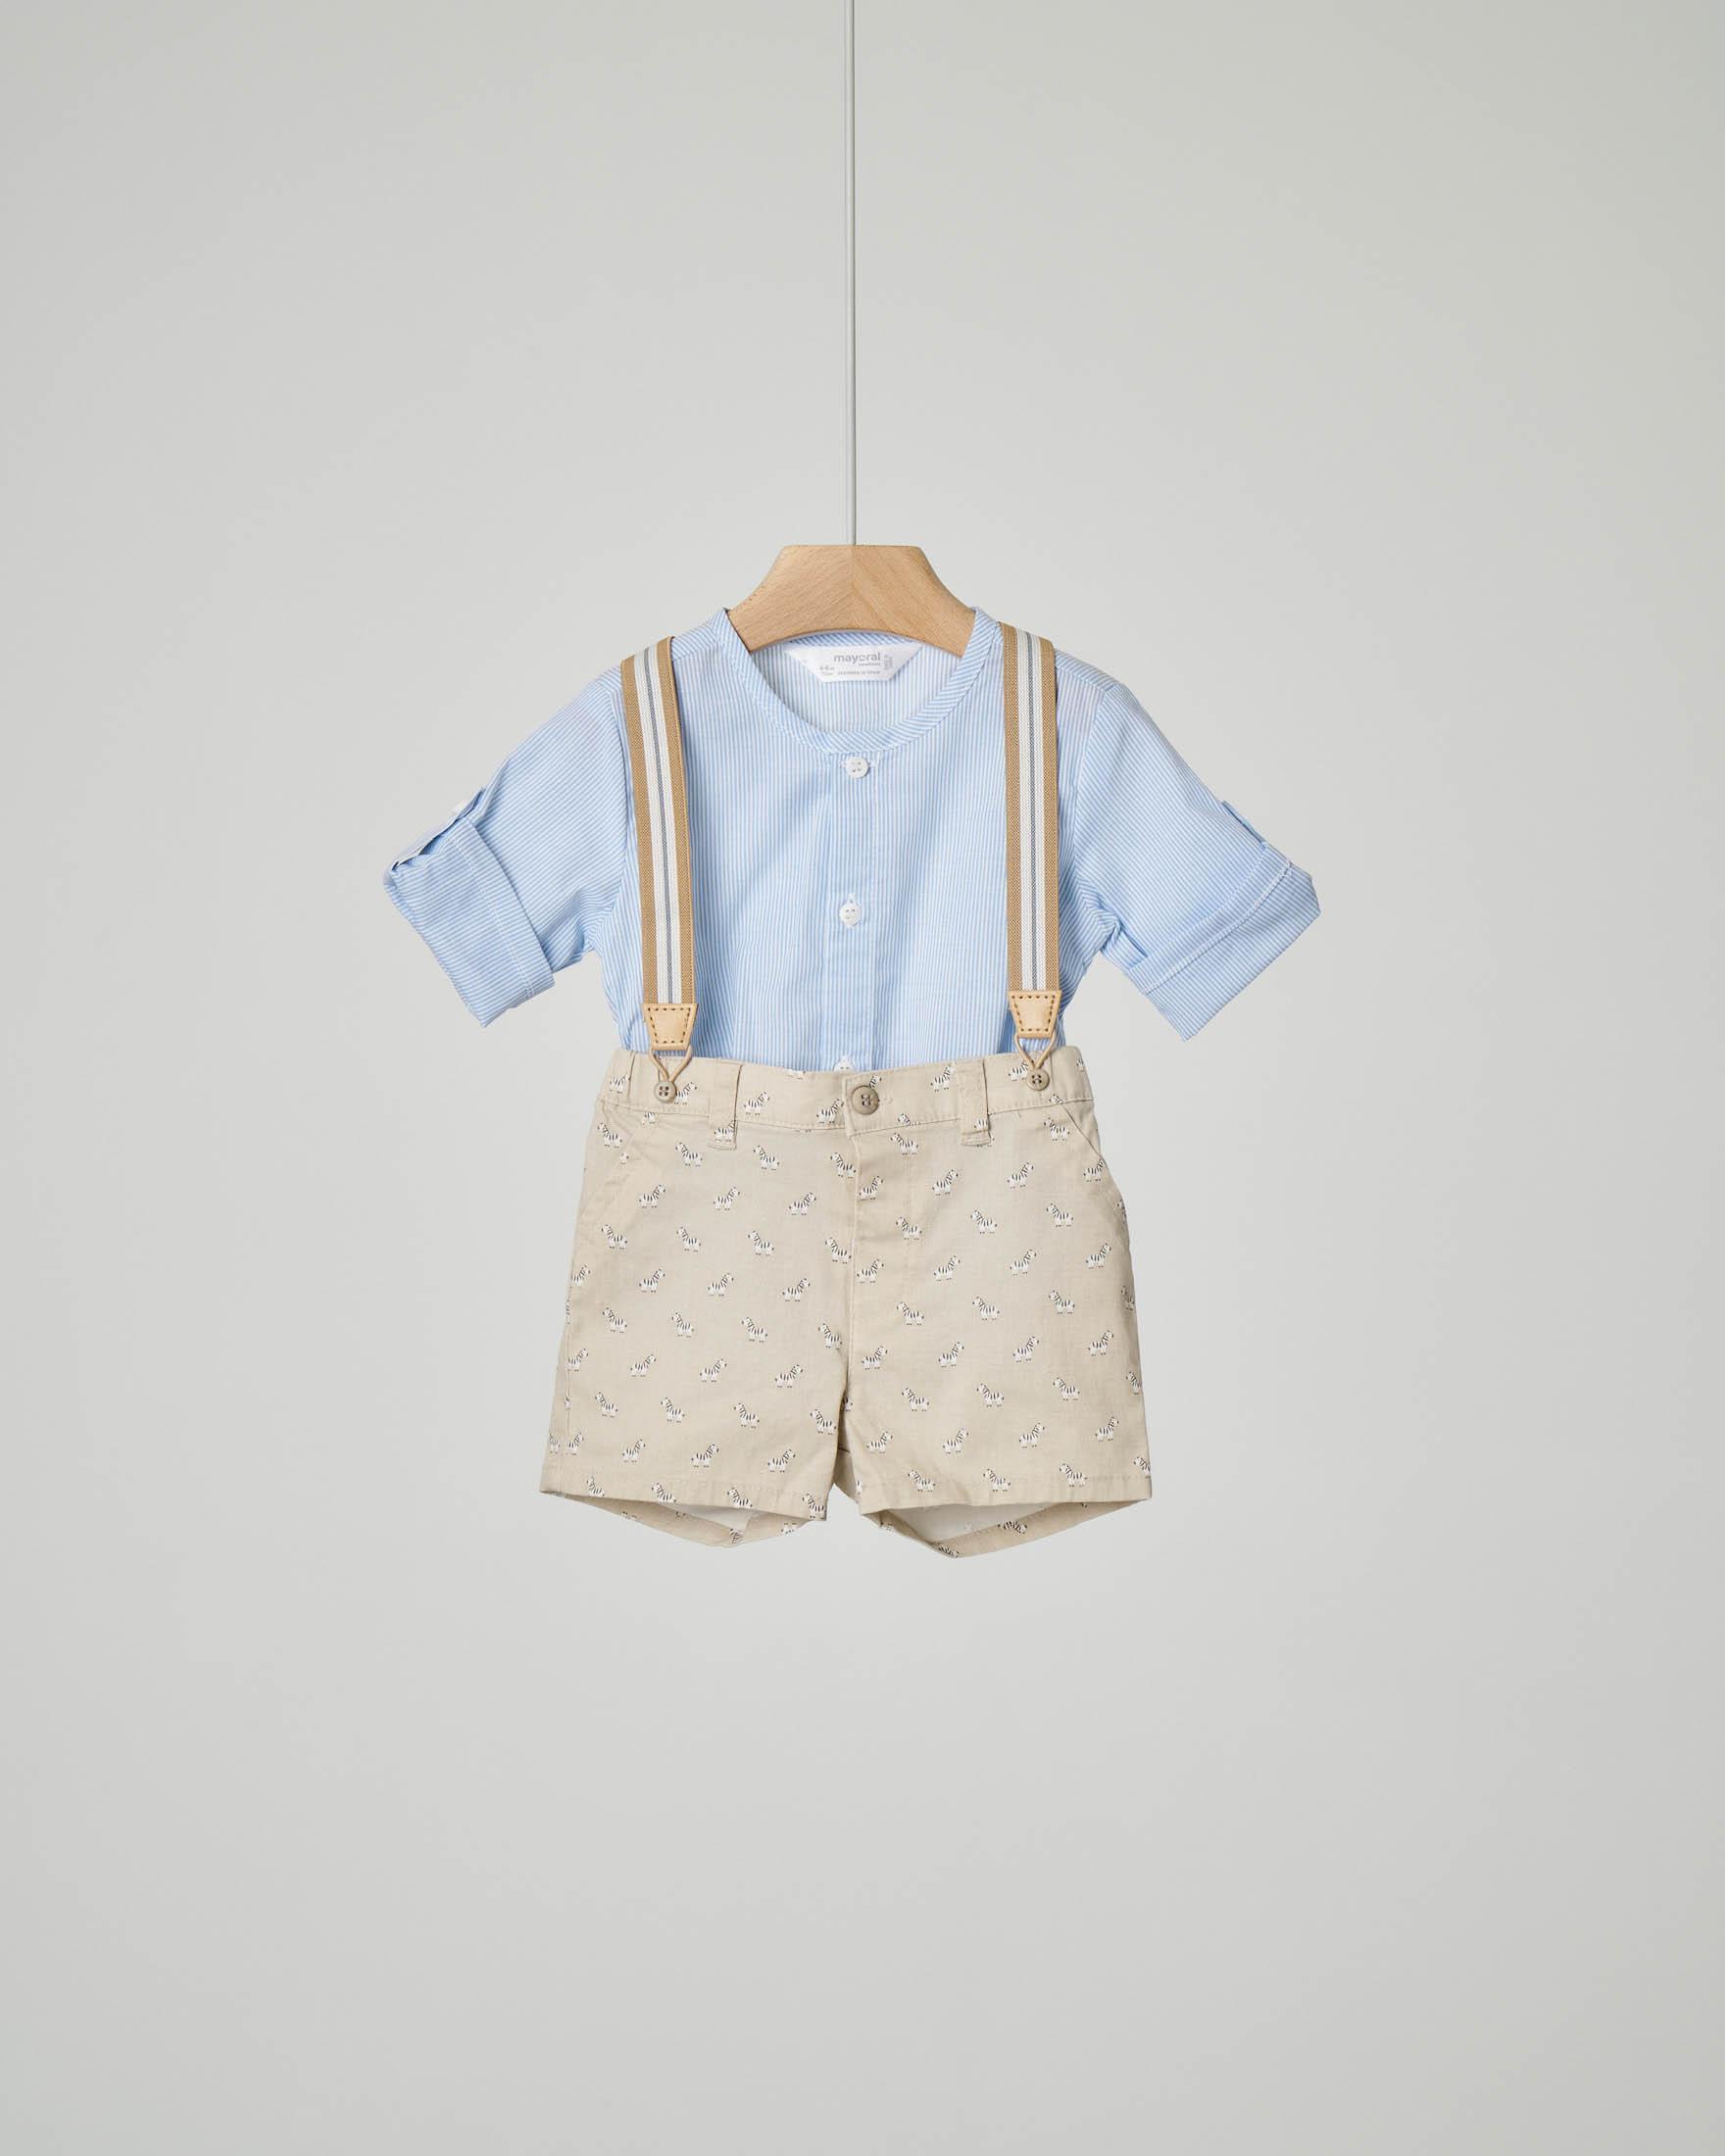 Completo pantaloncino beige con stampa e bretelle con camicia a righe senza colletto